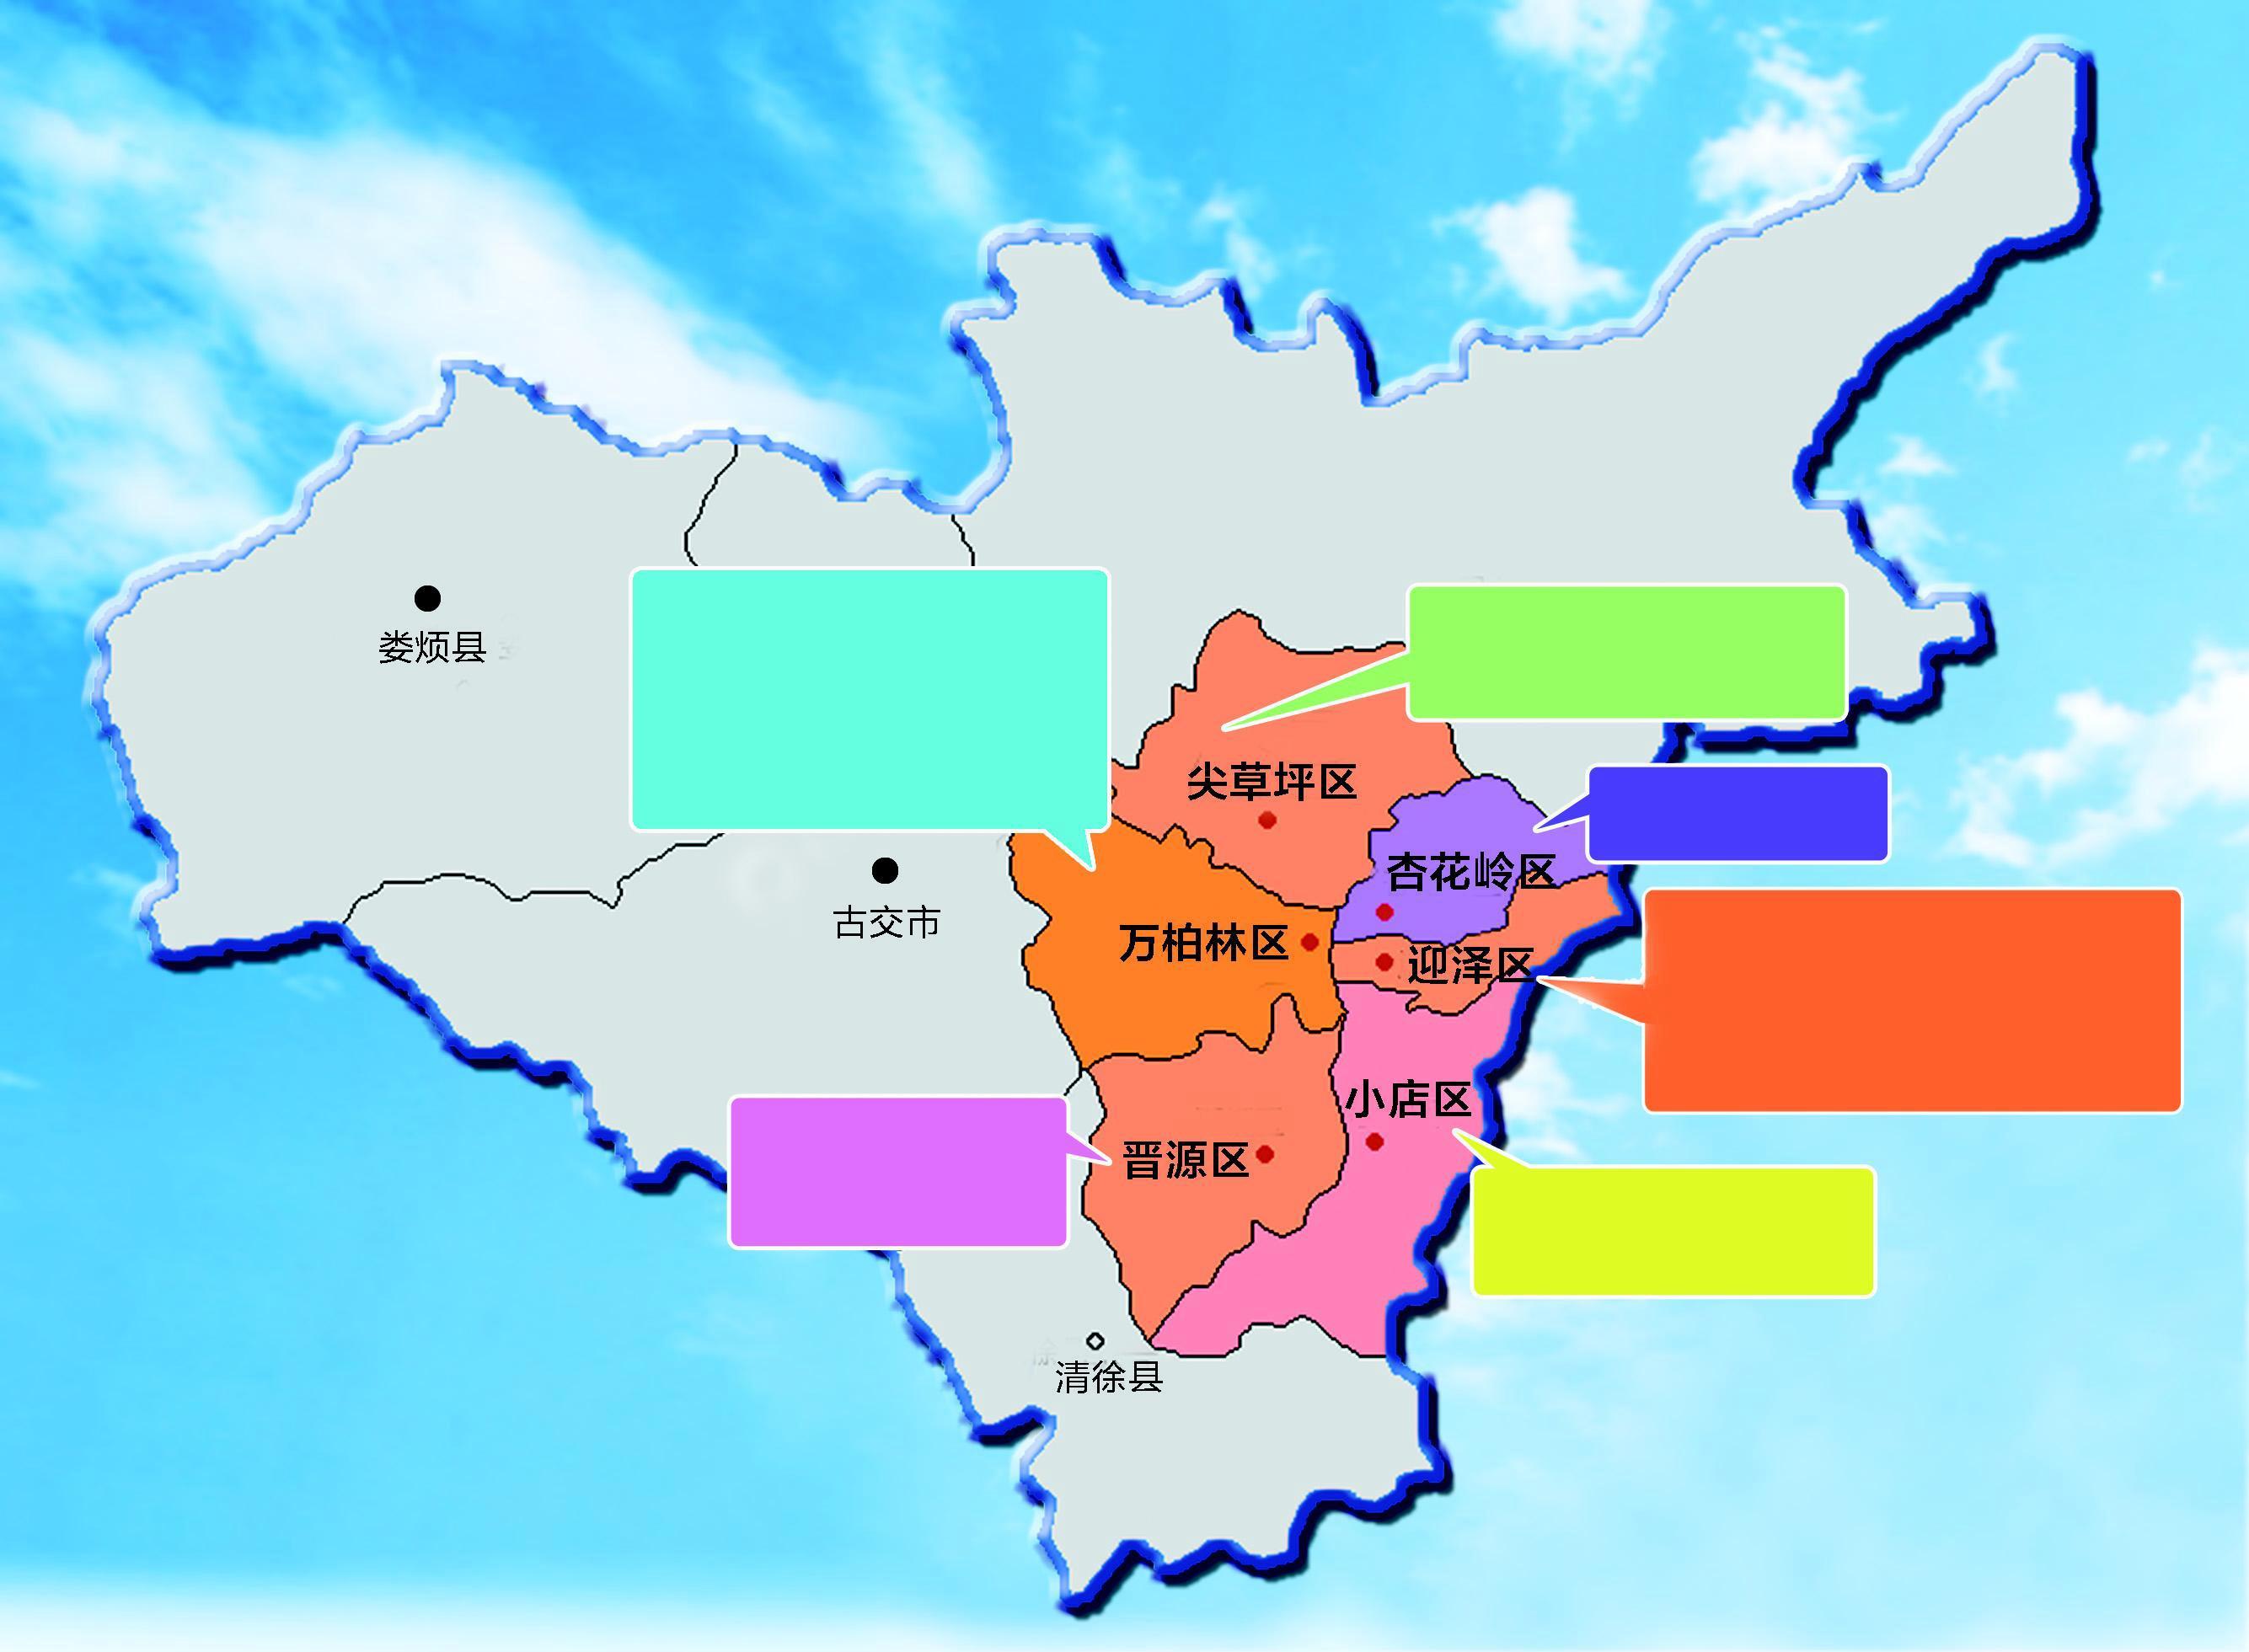 太原市地图高清版大图_太原地图全图